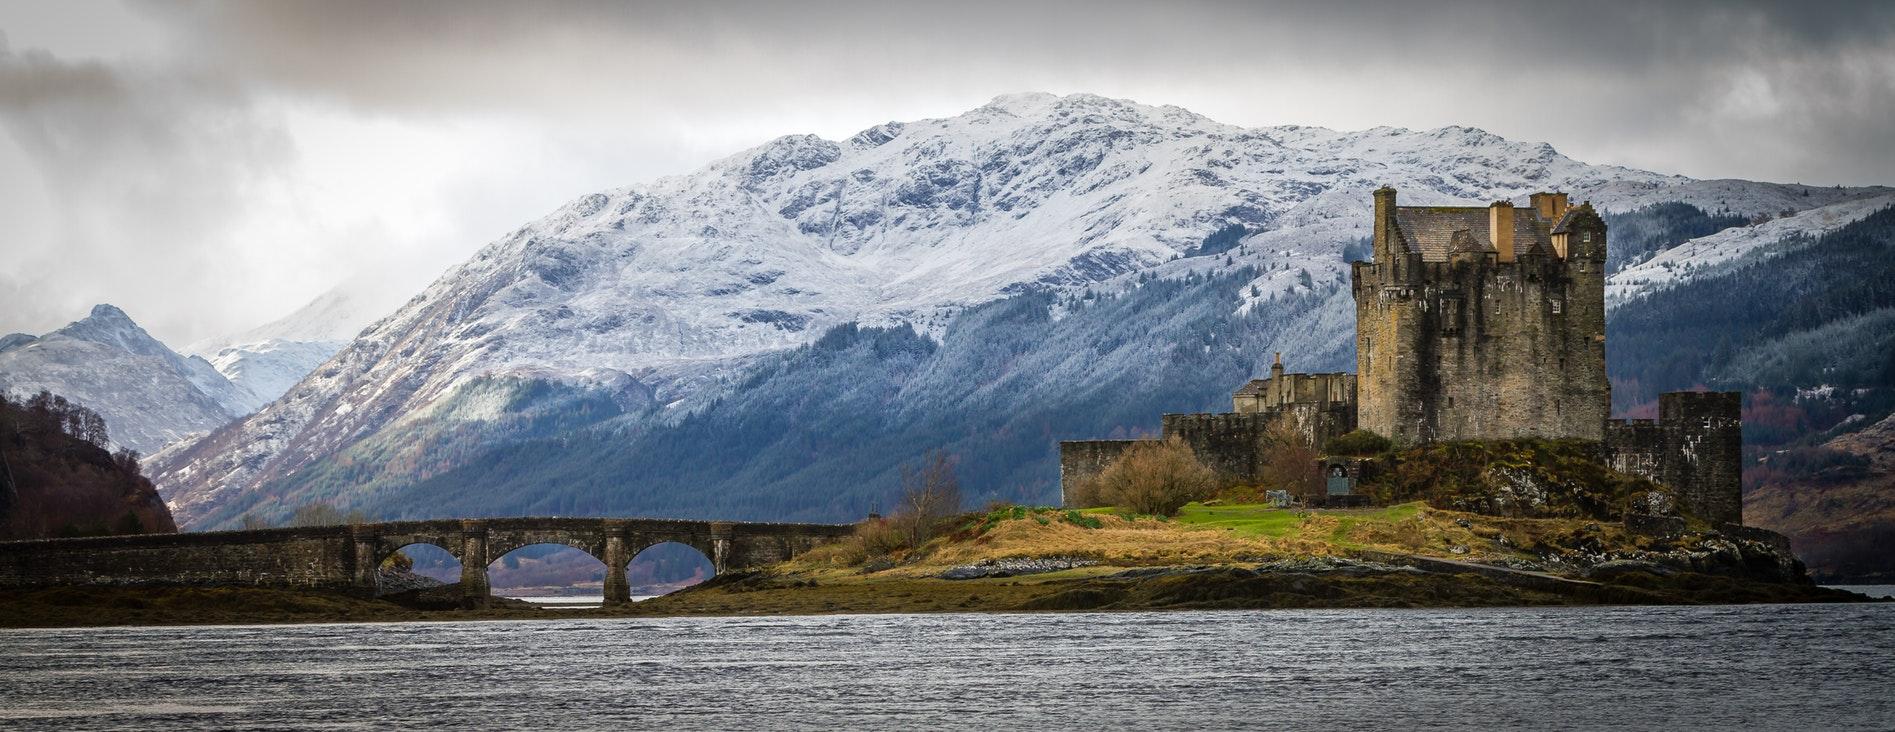 Harry Potter Scotland @sharpixdigital Eilean Donan Castle, Kyle of Lochalsh, United Kingdom